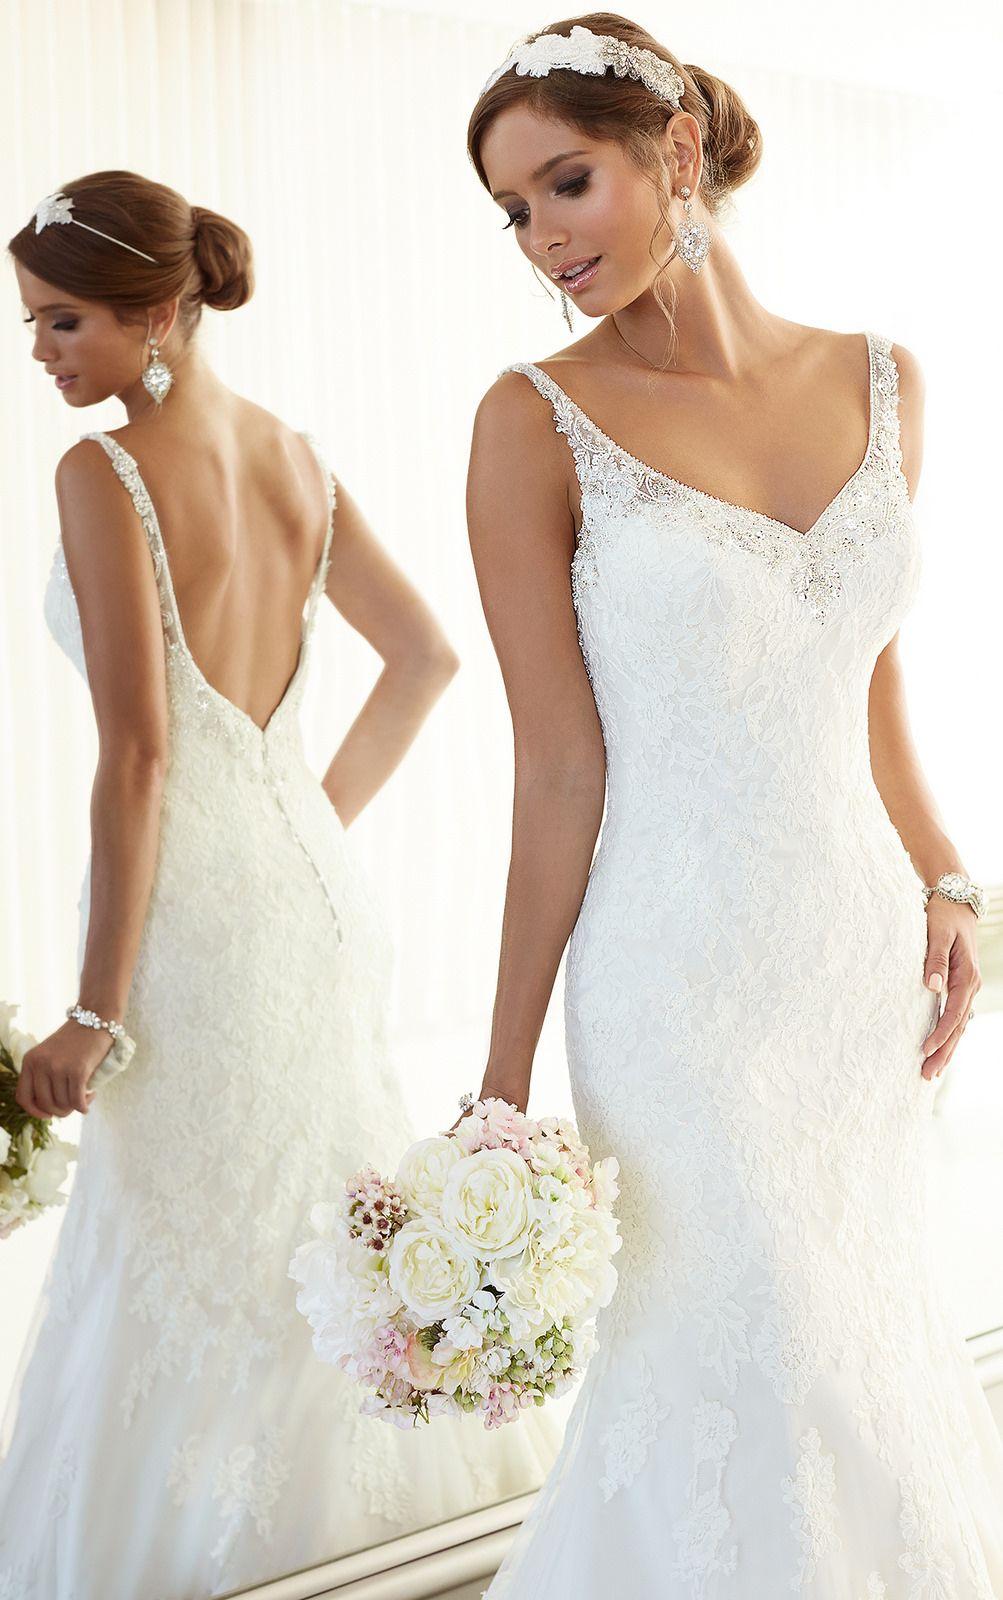 Pin von Tessa Pauwels auf Weddingdress | Pinterest | Brautkleid und ...